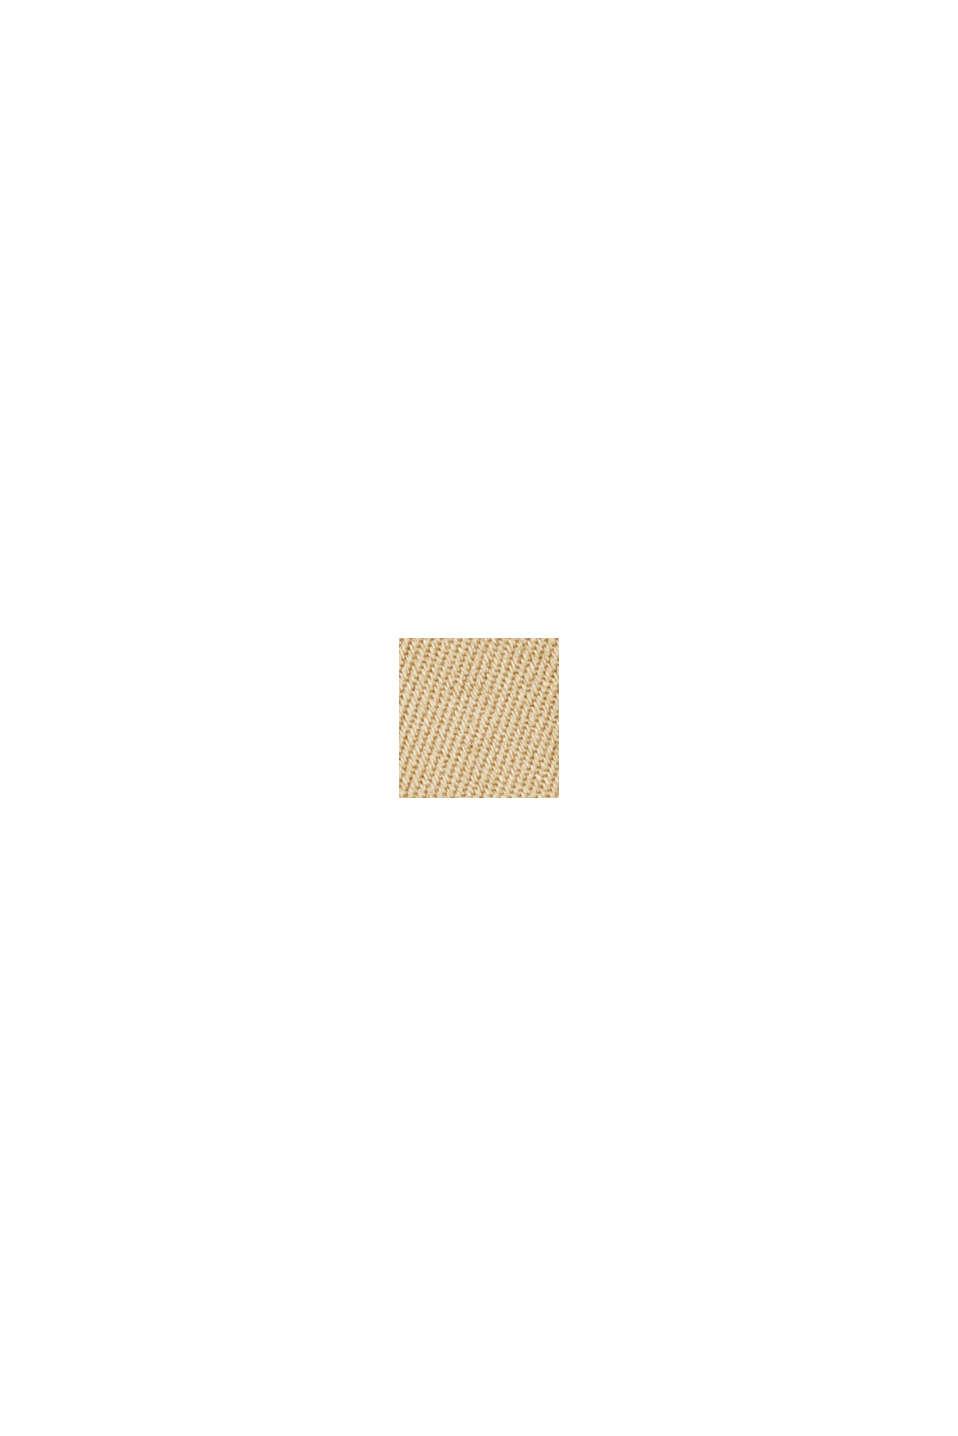 Zweireihiger Trenchcoat, 100% Baumwolle, BEIGE, swatch